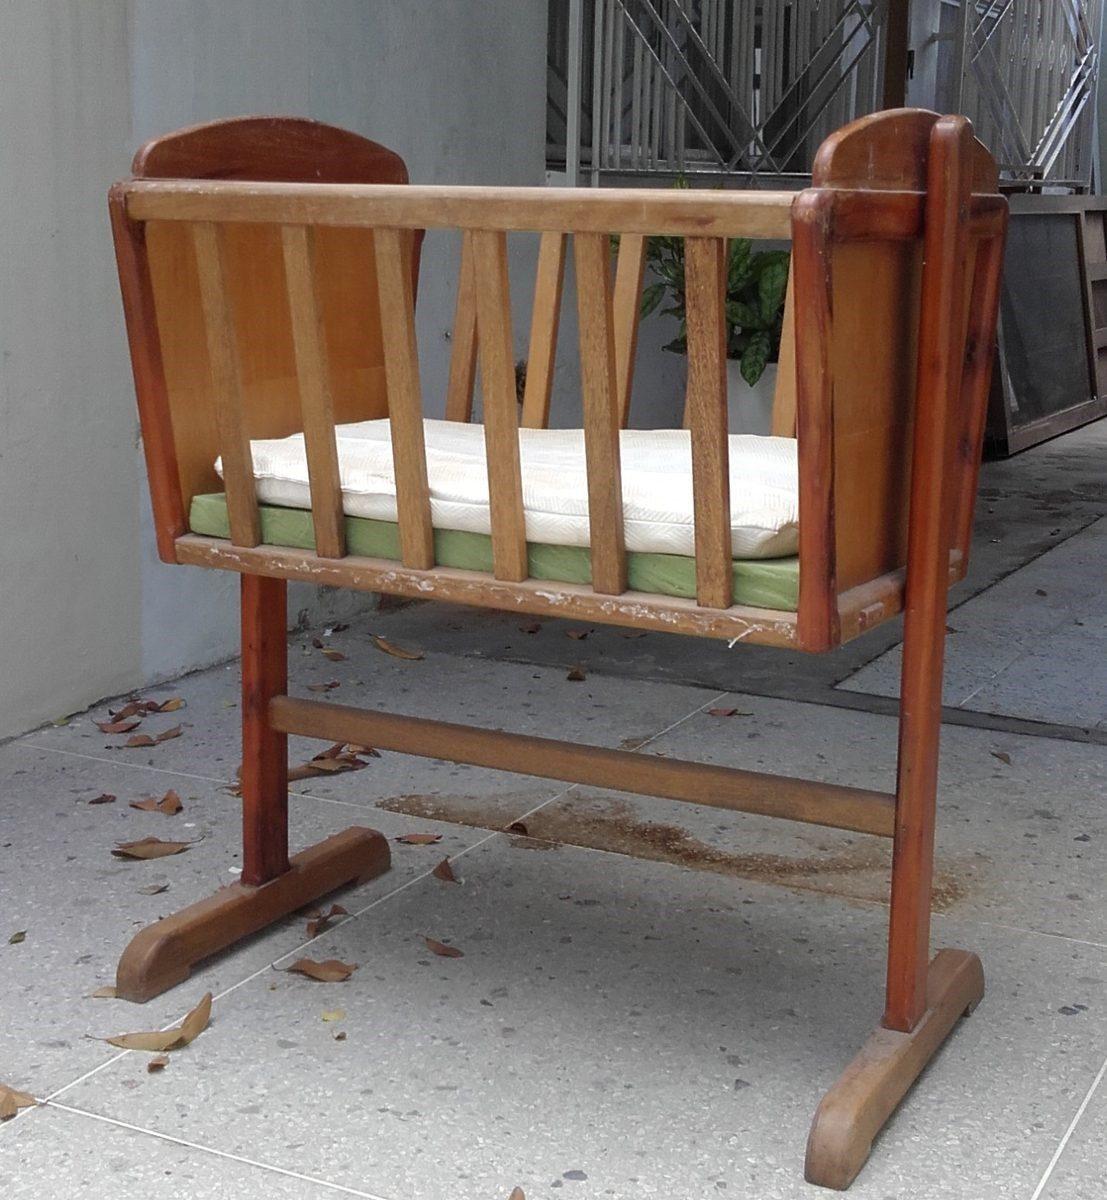 Cunas para bebes usadas df - Cuna de madera para bebe ...